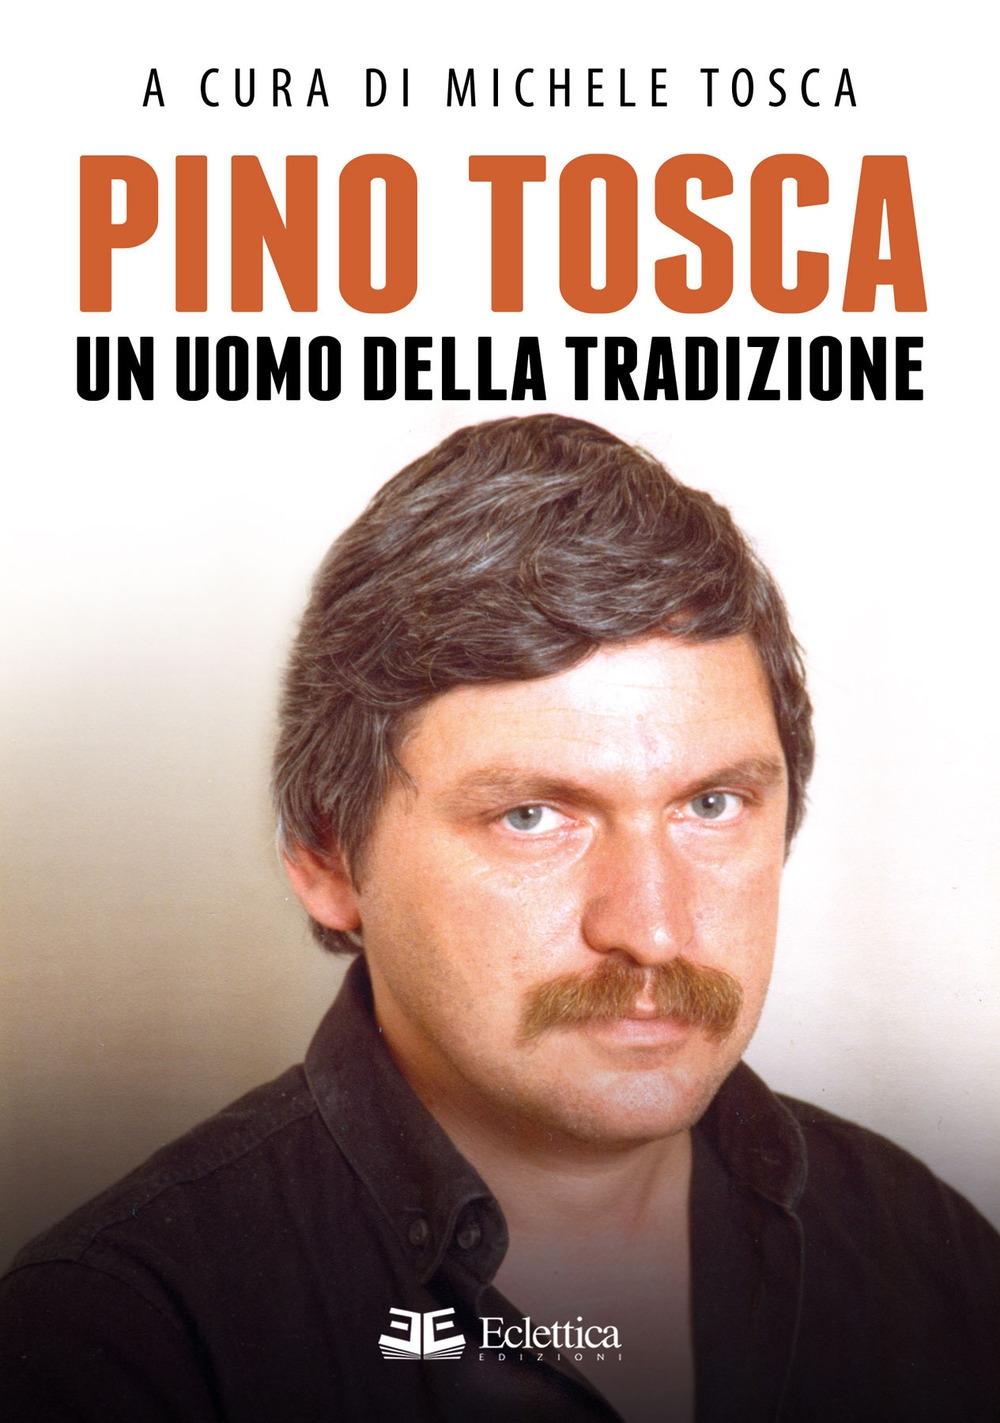 Pino Tosca. Un uomo della tradizione